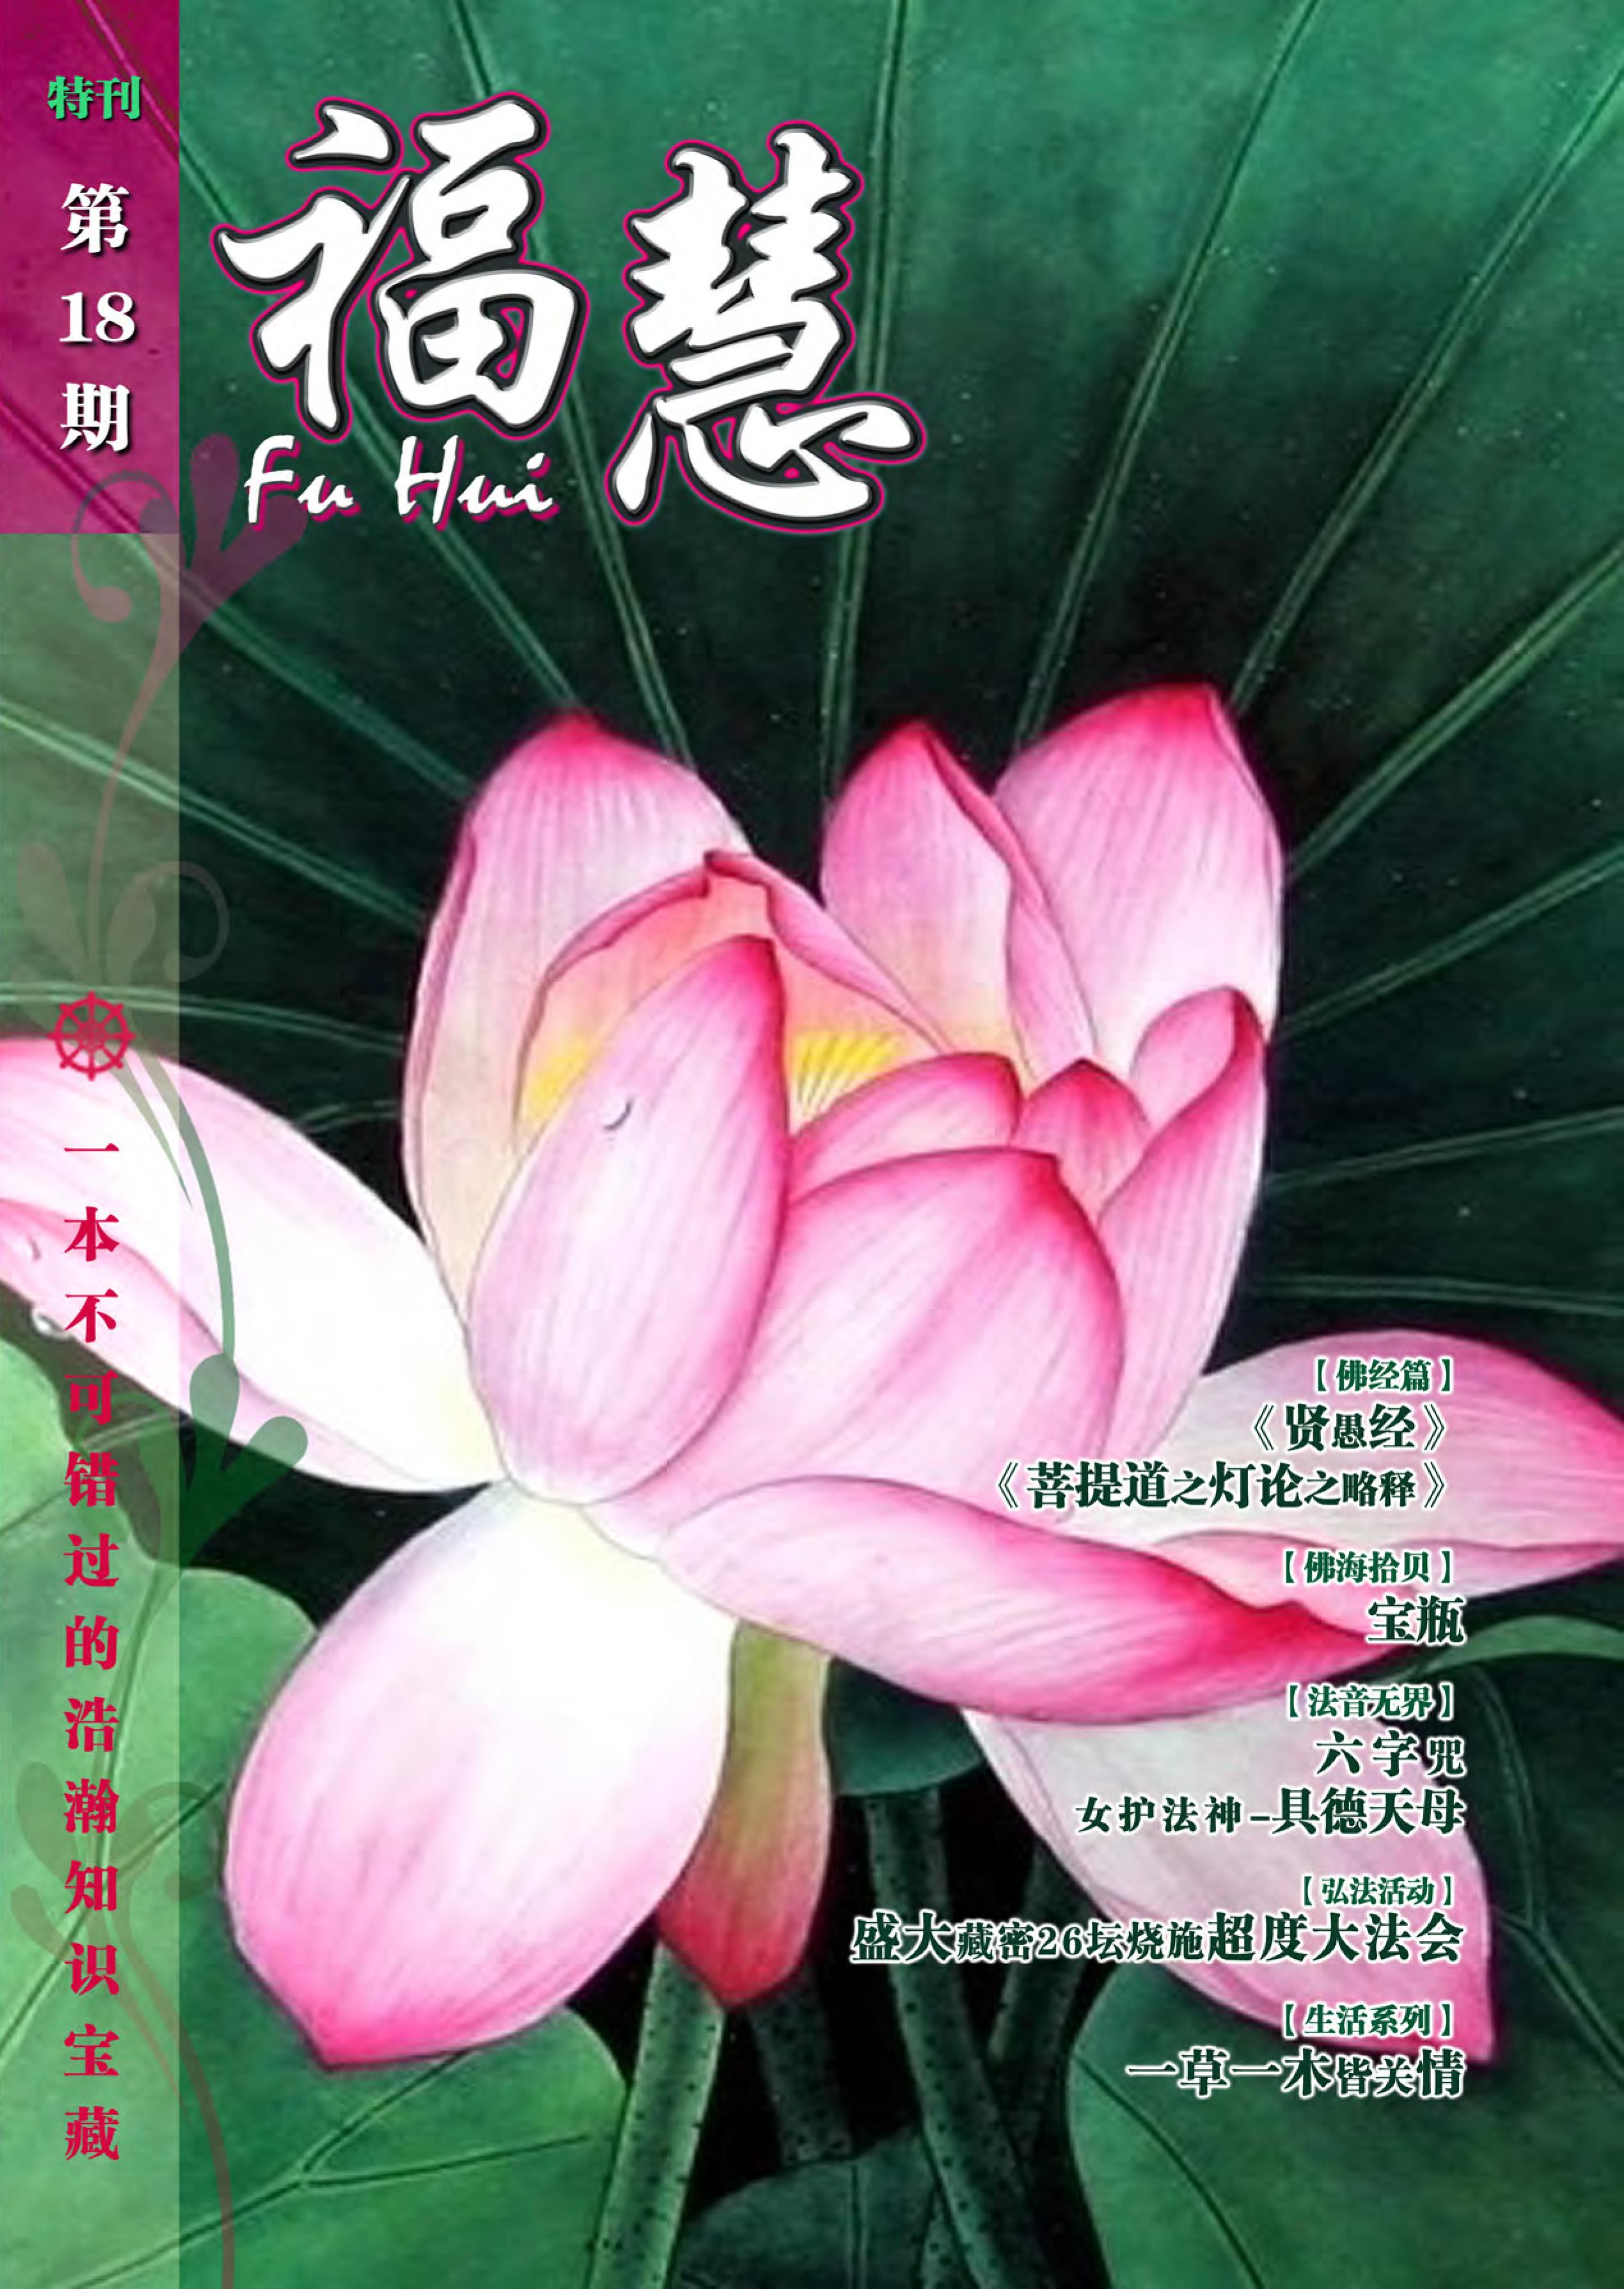 福慧18cover Page